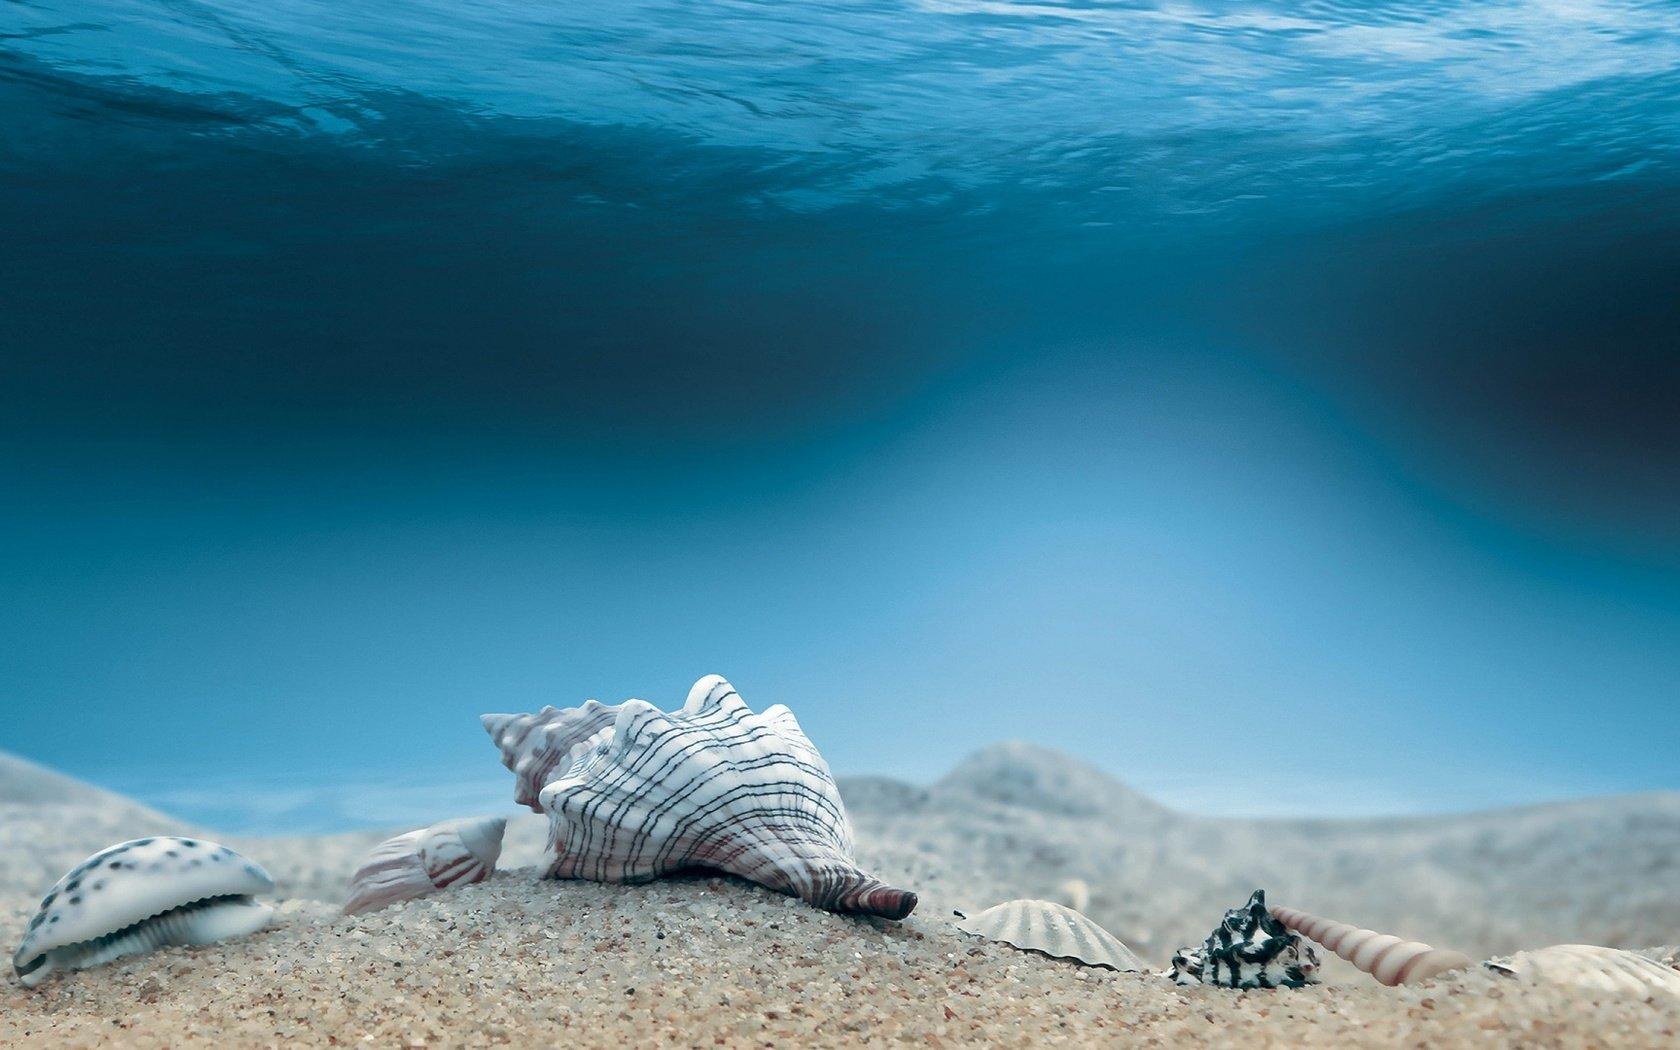 острова песчаное дно под водой с ракушками фото собрать картинку